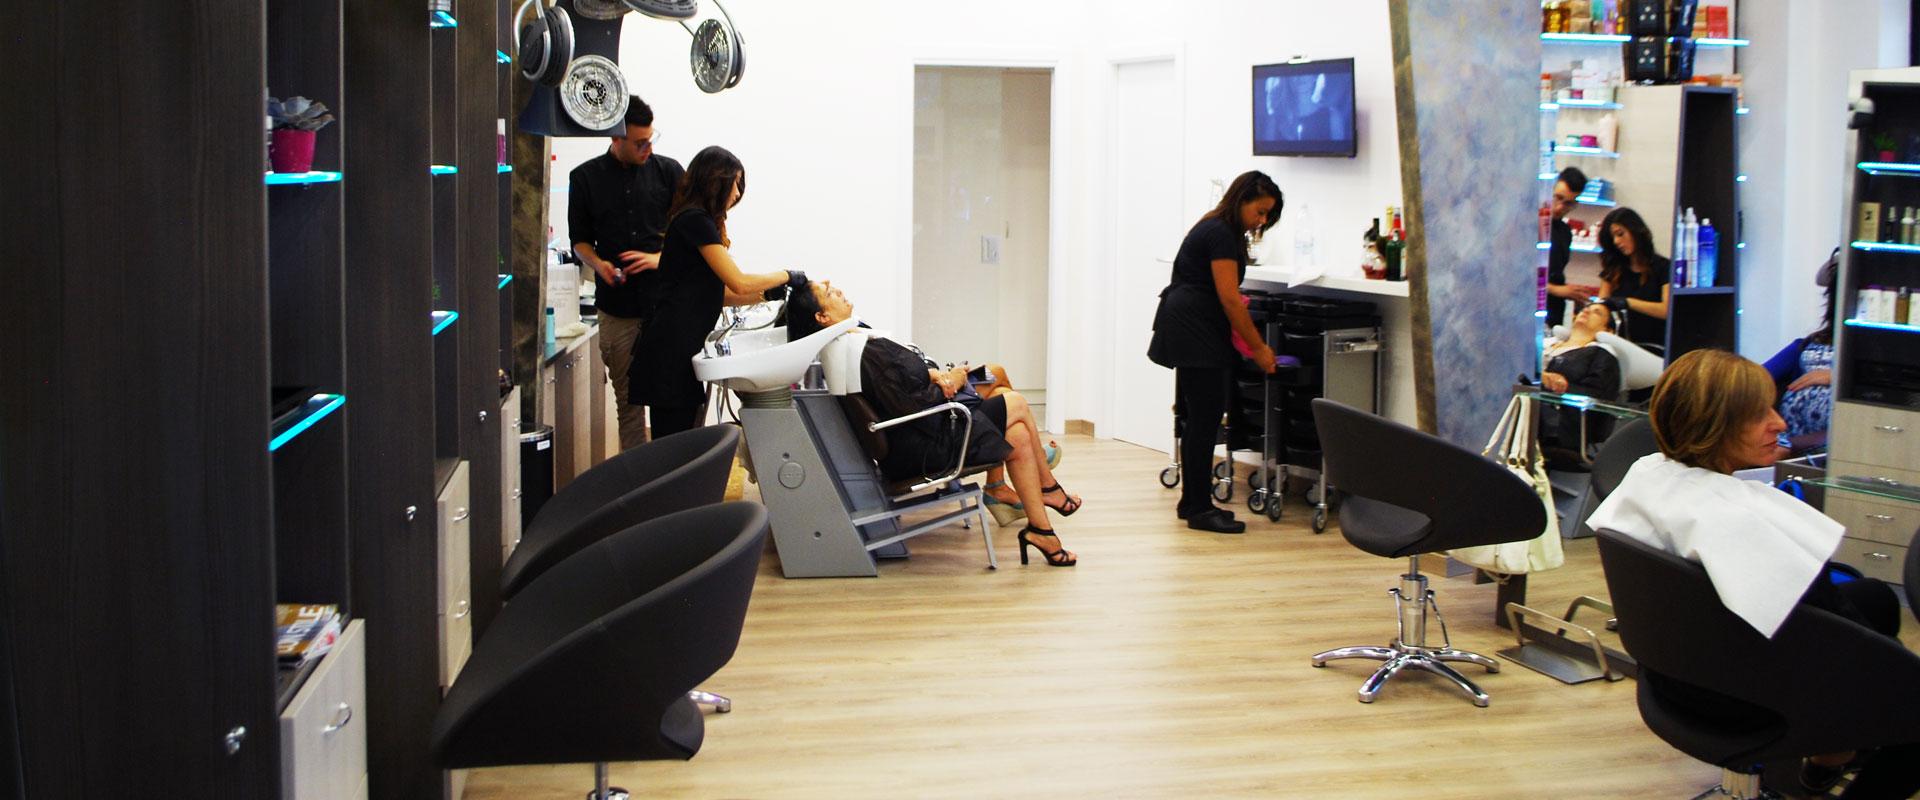 studio-parrucchiere